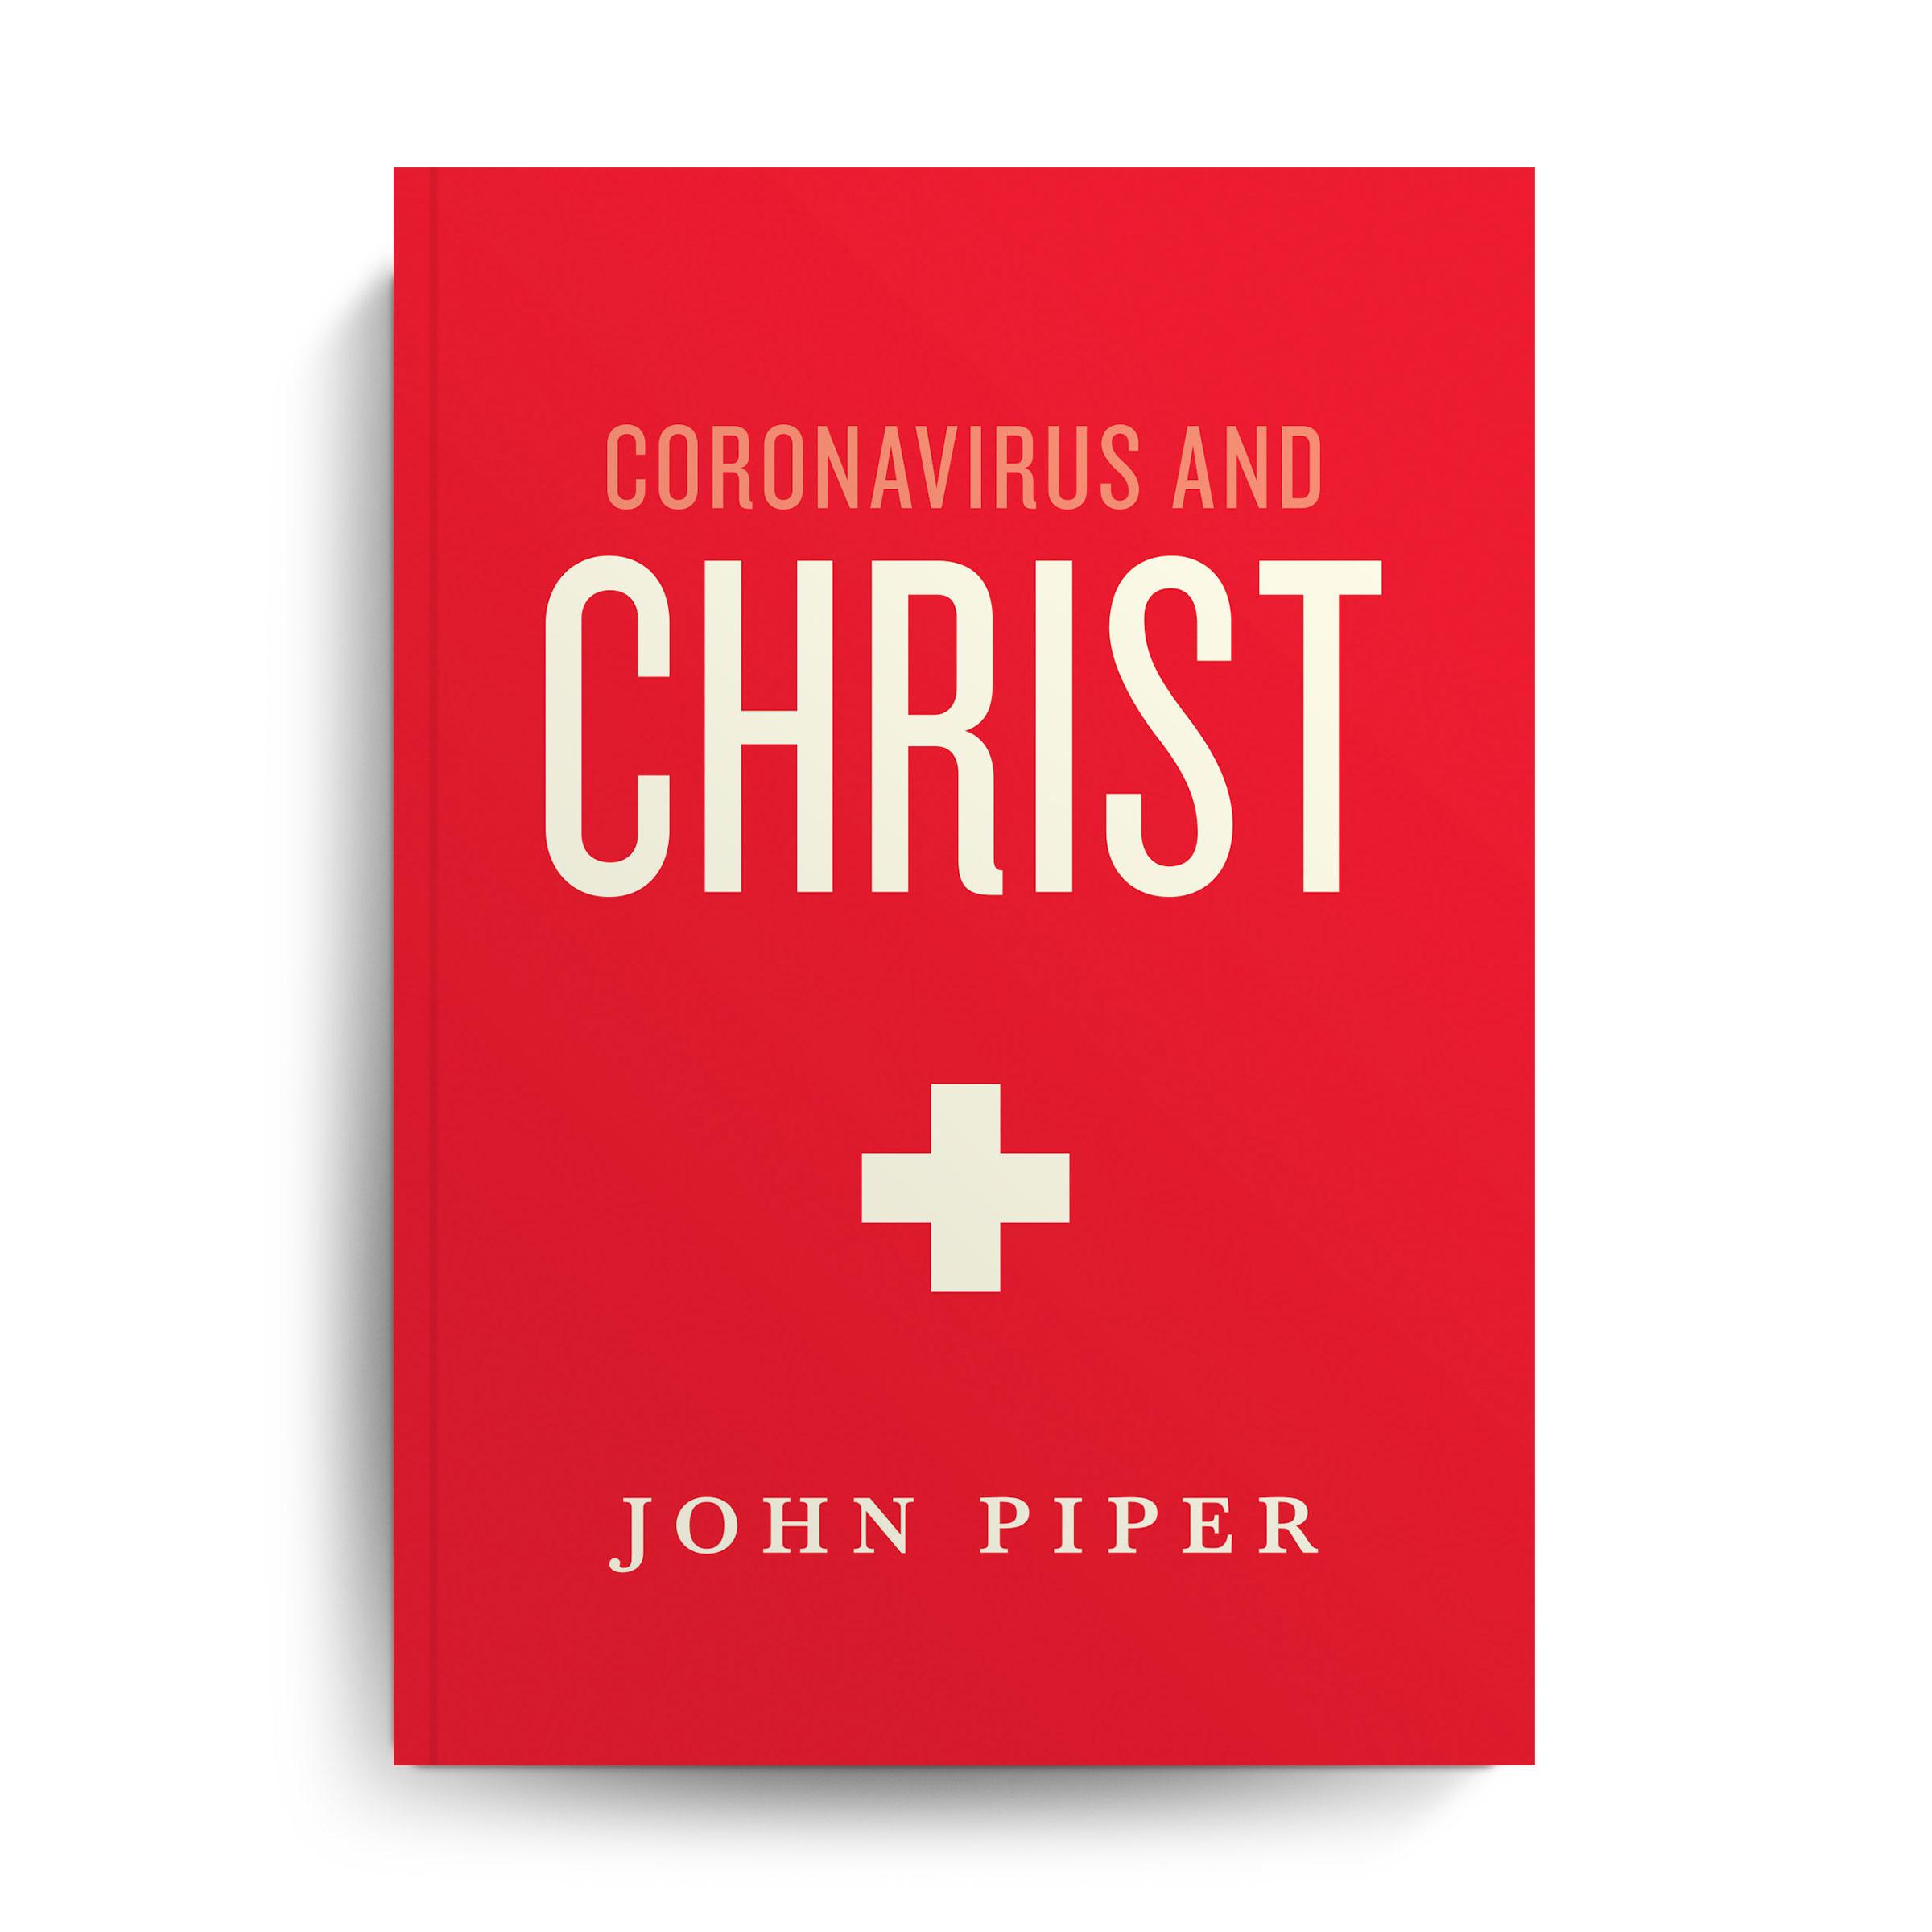 Coronavirus and Christ by John Piper